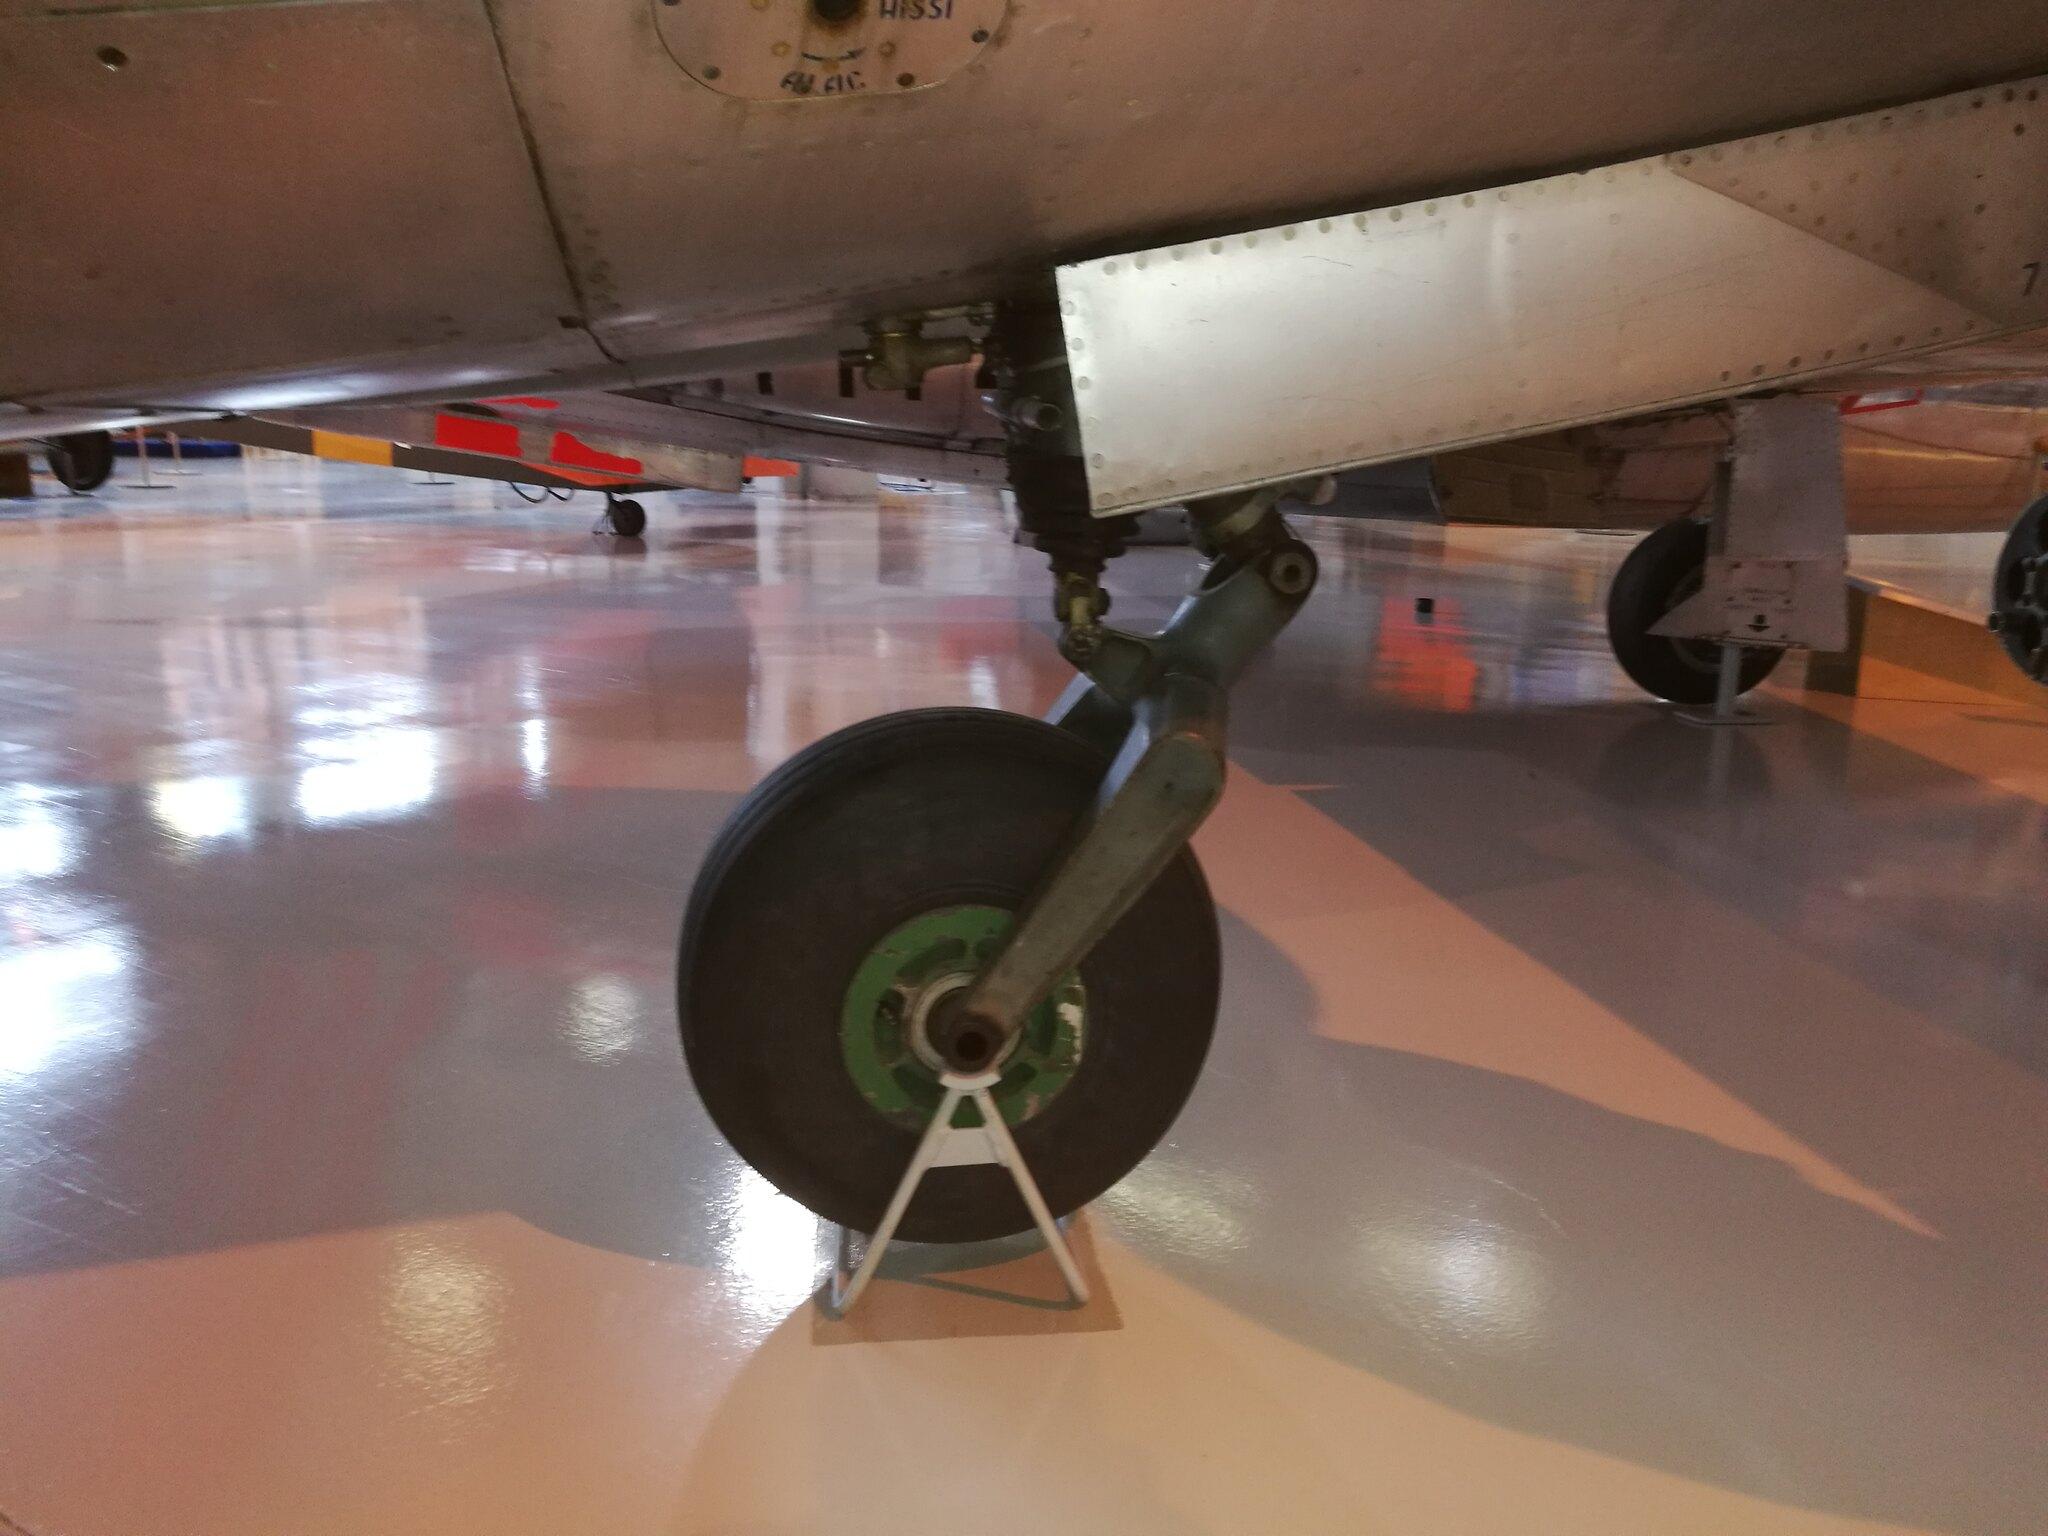 Hemkommen från semester i Finland med utflykt till Finlands Flygvapenmuseum. 48287469167_00bb41ae29_k